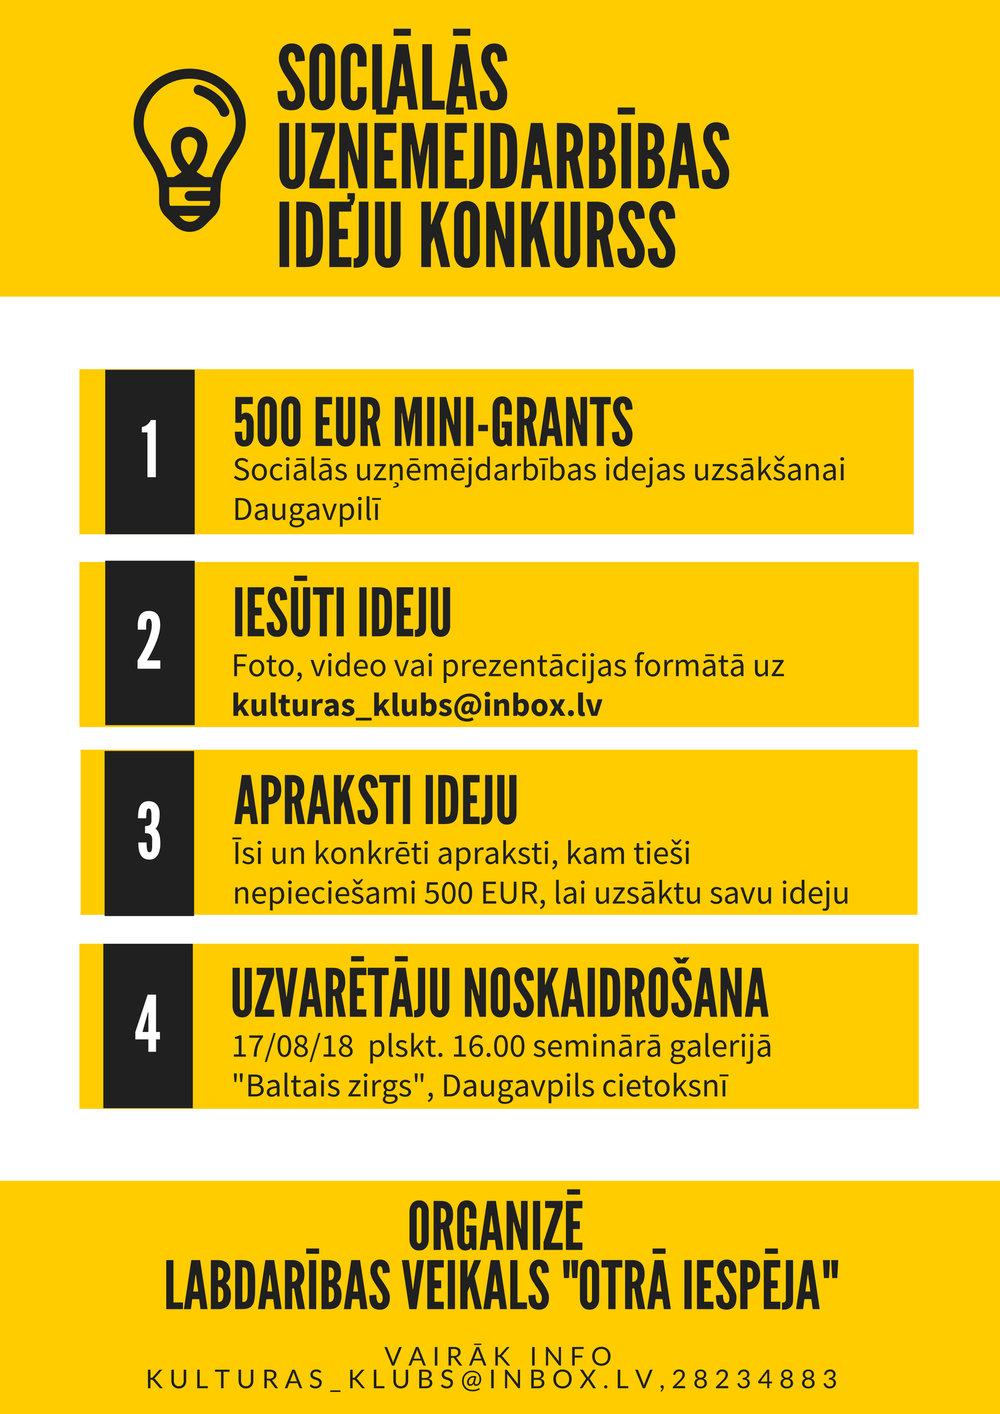 SOciālās uzņēmējdarbības ideju konkurss (3).jpg